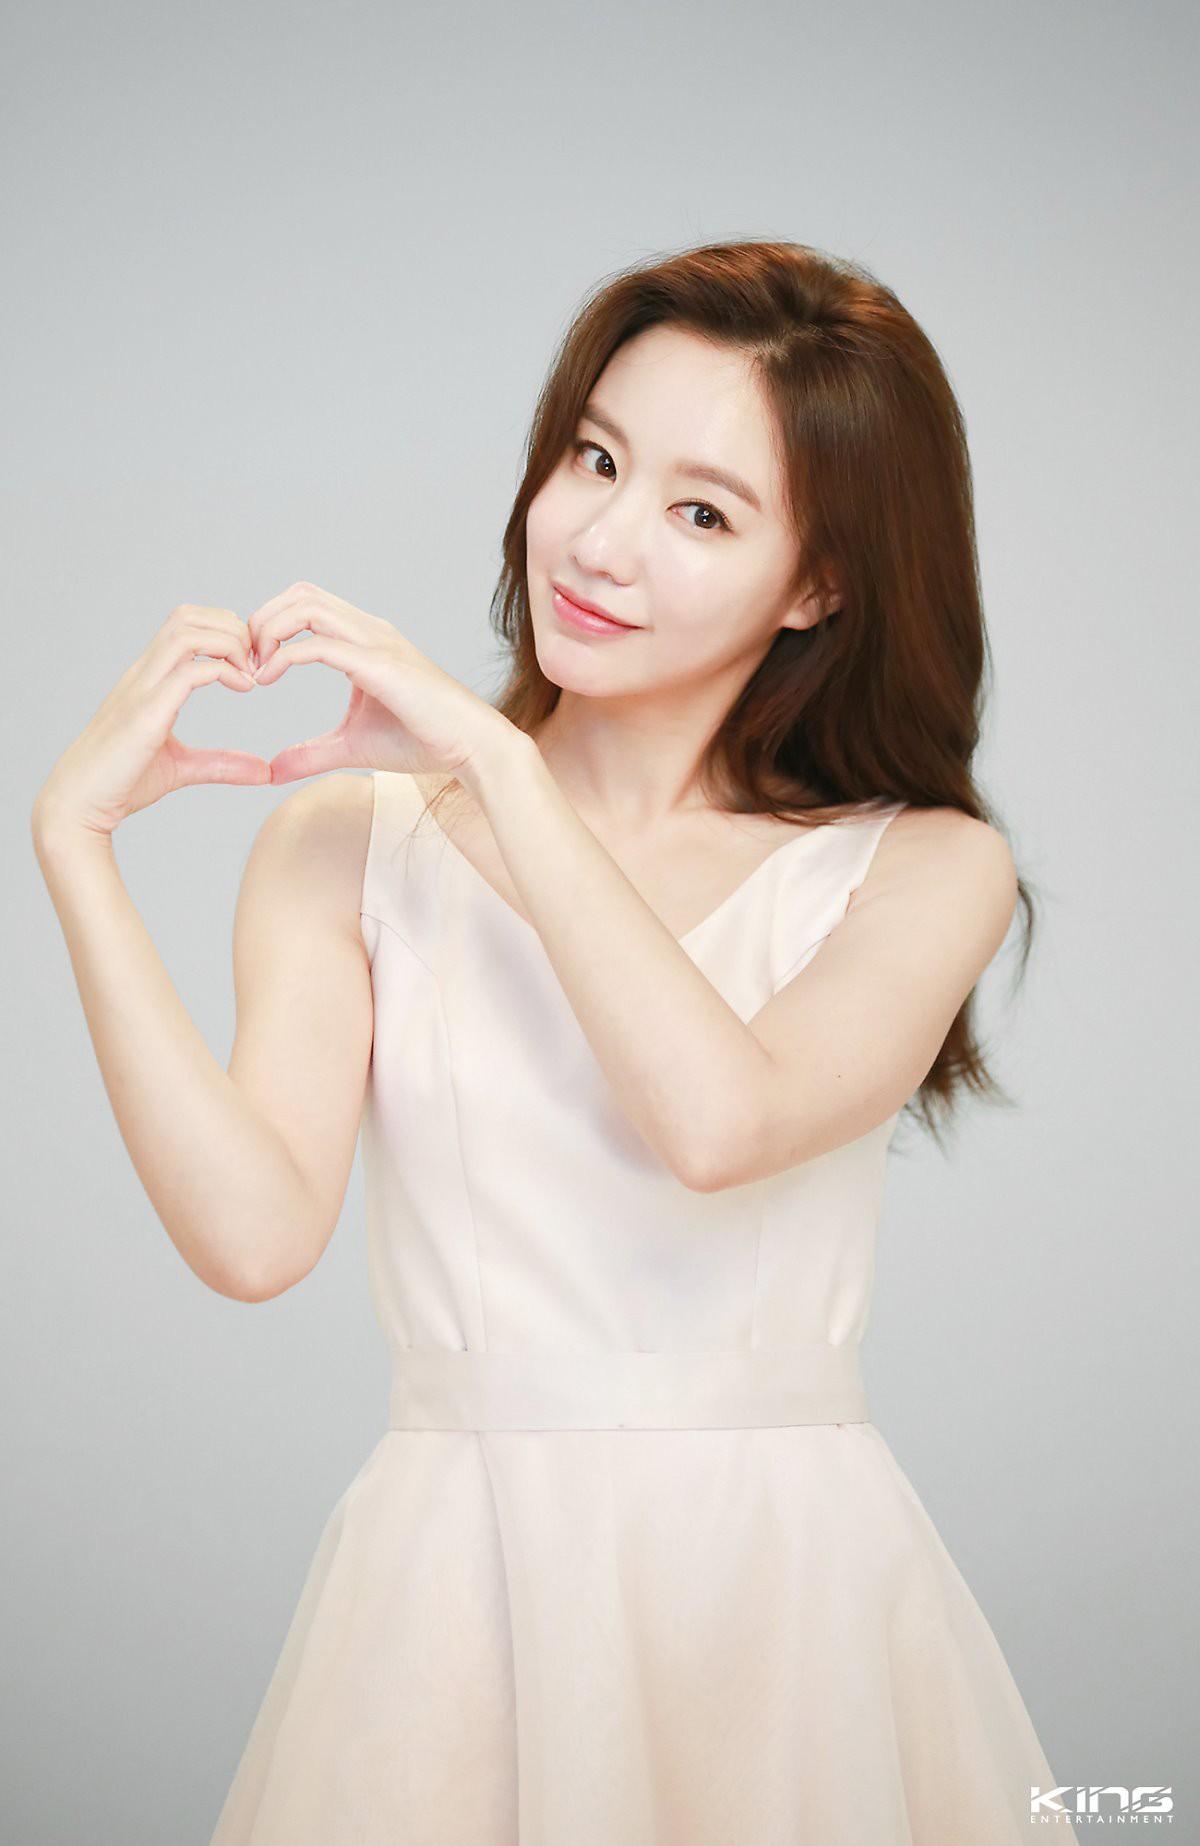 Chùm ảnh hậu trường gây sốt của mỹ nhân Sắc đẹp ngàn cân: U40 vẫn trẻ đẹp khó tin, chẳng thua gì Park Min Young - Ảnh 4.